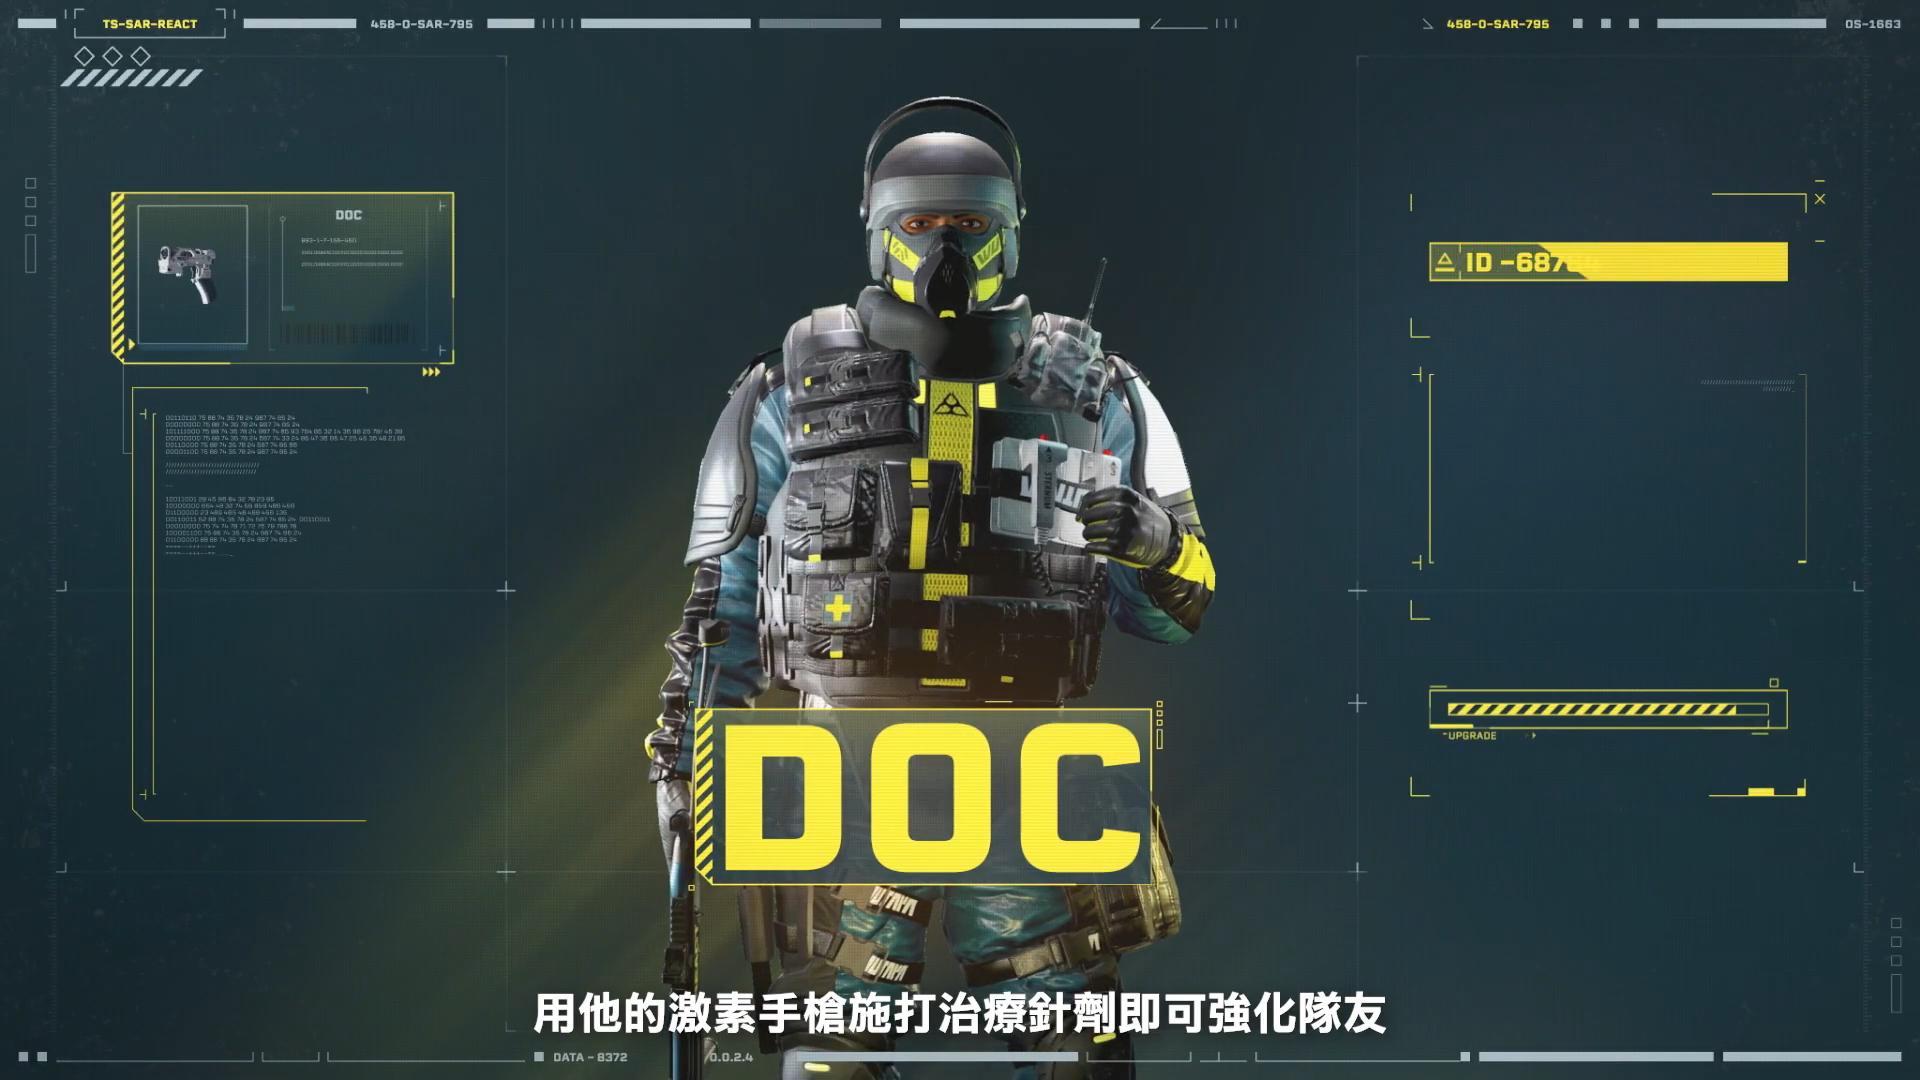 """《彩虹六号:异种》新干员""""DOC""""介绍 激素手枪强化队友插图1"""